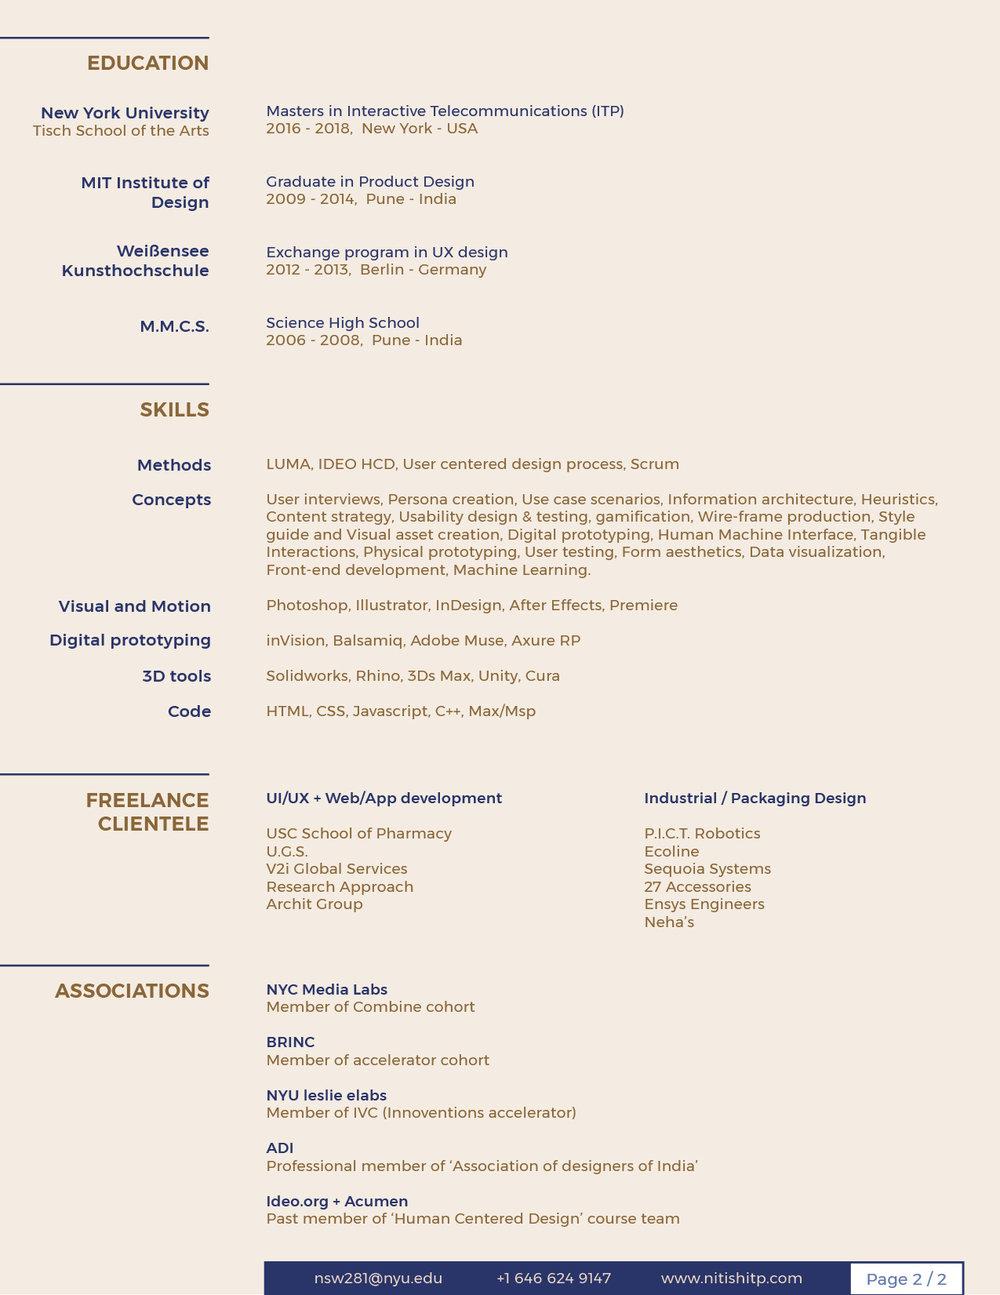 Nitish Wakalkar_Resume 2018_Page 2.jpg